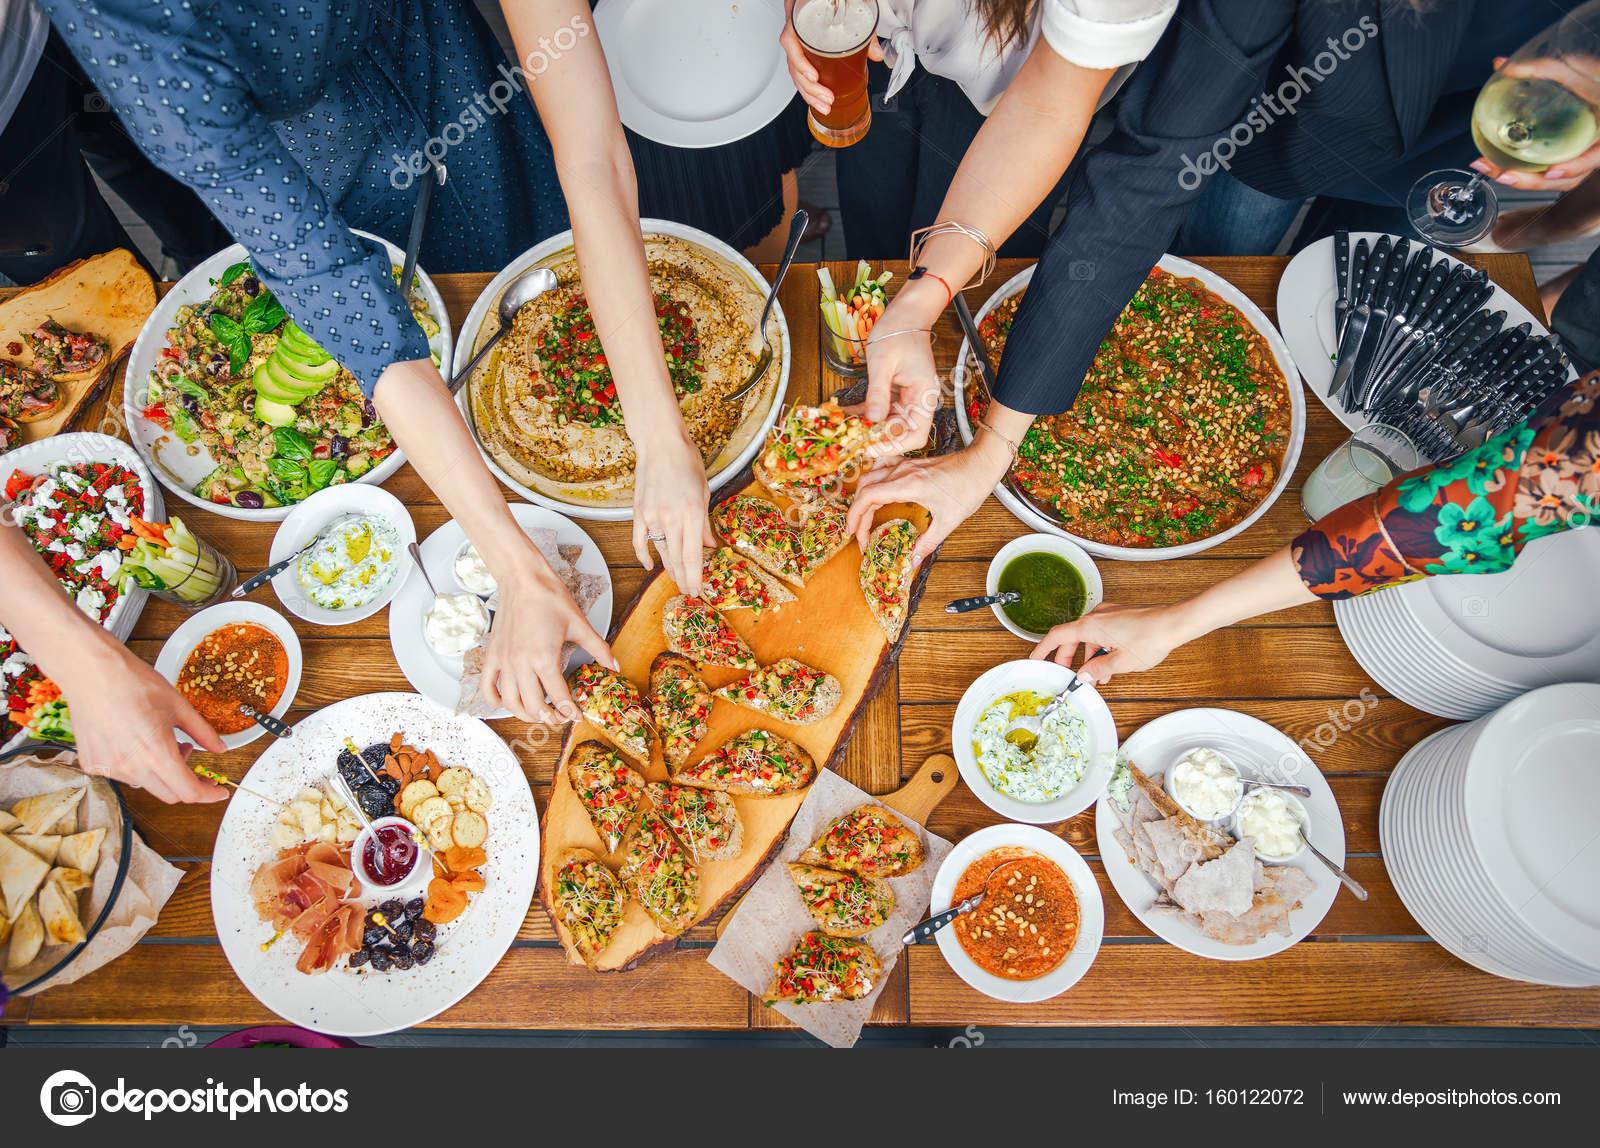 freunde gl ck genie en speisesaal essen konzept essen vom buffet gastronomie restaurants und. Black Bedroom Furniture Sets. Home Design Ideas